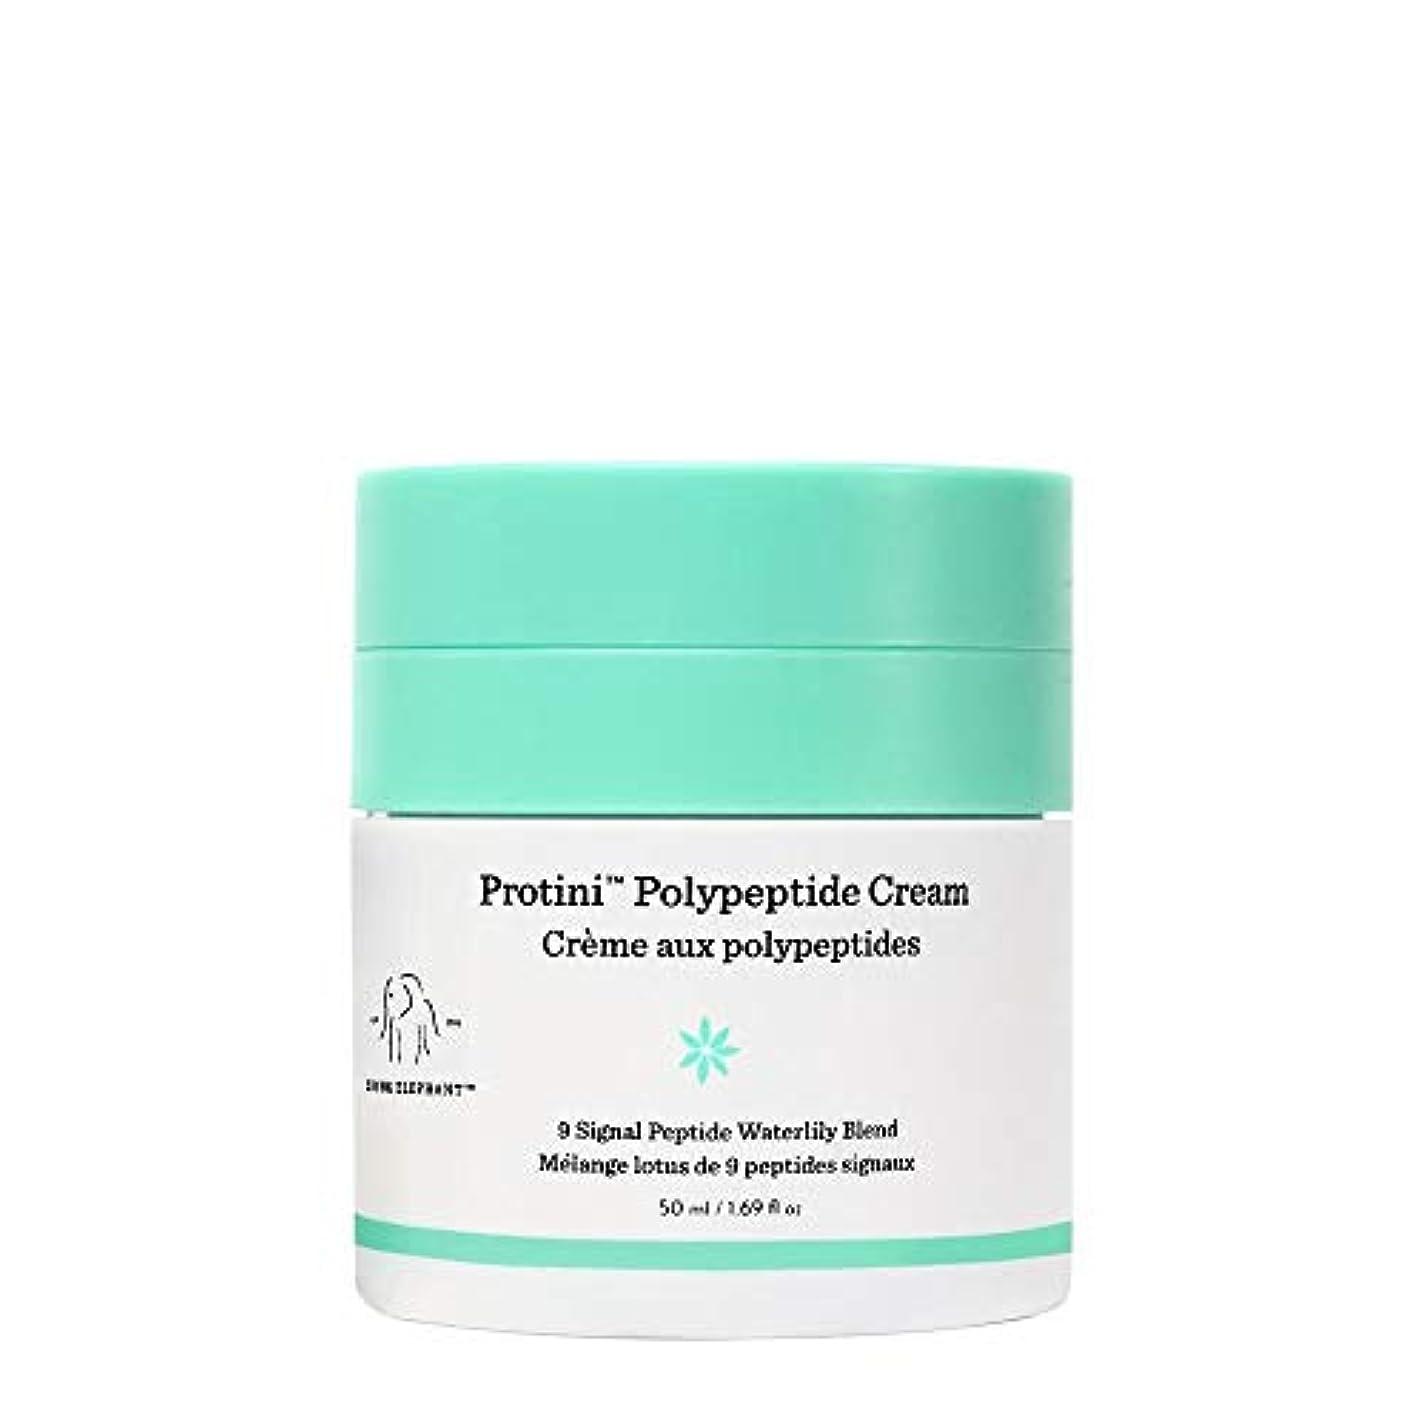 天水平メタルラインDRUNK ELEPHANT Protini Polypeptide Cream 1.69 oz/ 50 ml ドランクエレファント プロティーニ ポリペプタイド クリーム 1.69 oz/ 50 ml